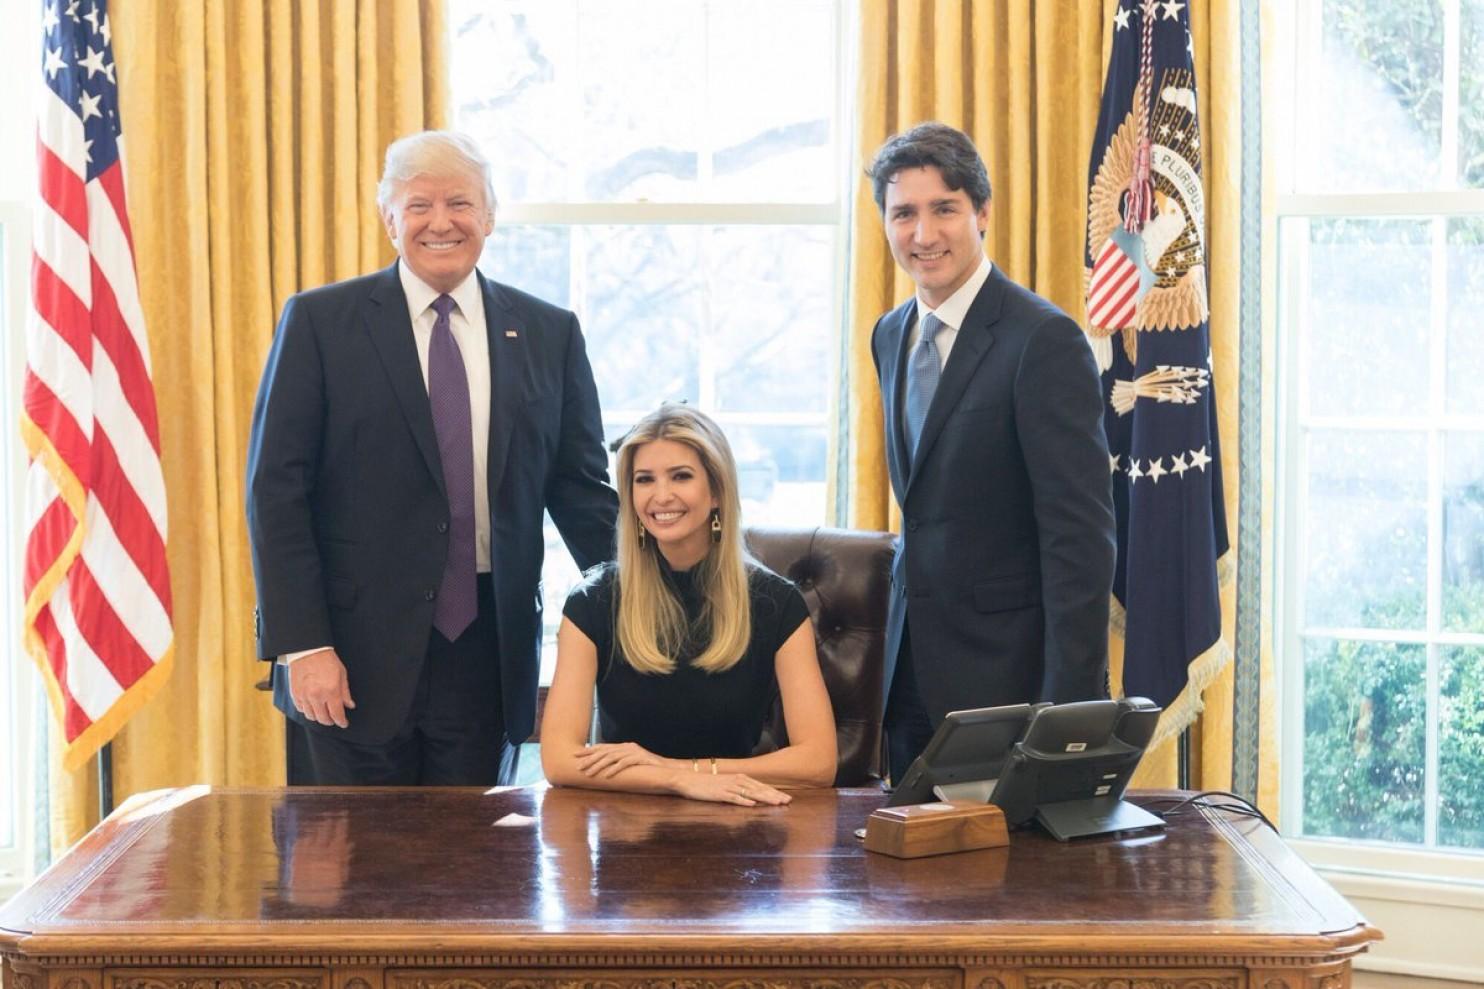 """Con gái Trump ngày càng mở rộng """"quyền hành"""" ở Nhà Trắng - 2"""